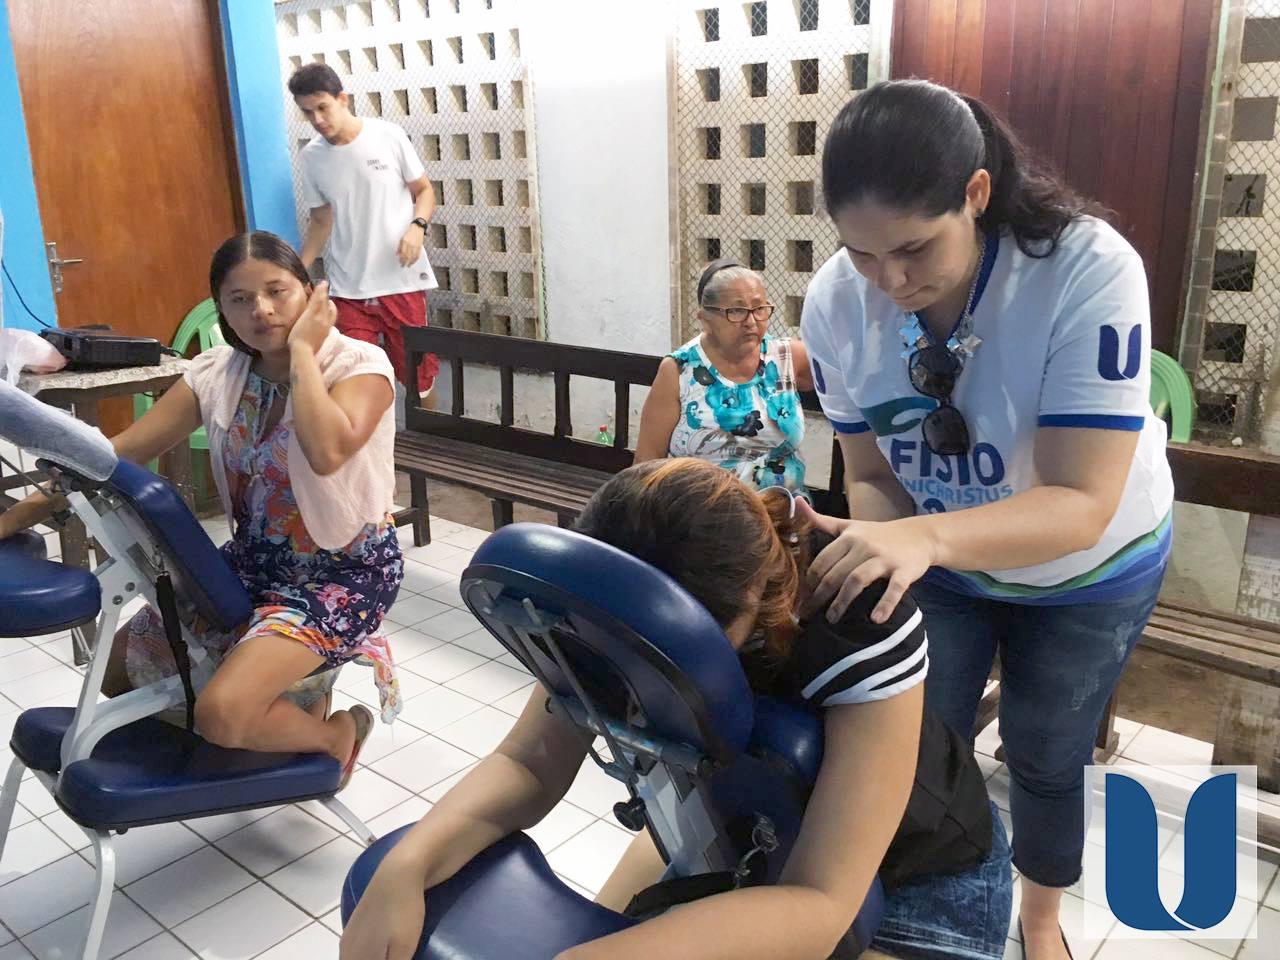 Os acadêmicos do curso de Fisioterapia da Unichristus, coordenados pela professora Mônica Cordeiro, realizaram uma ação em comemoração ao Dia das Mães